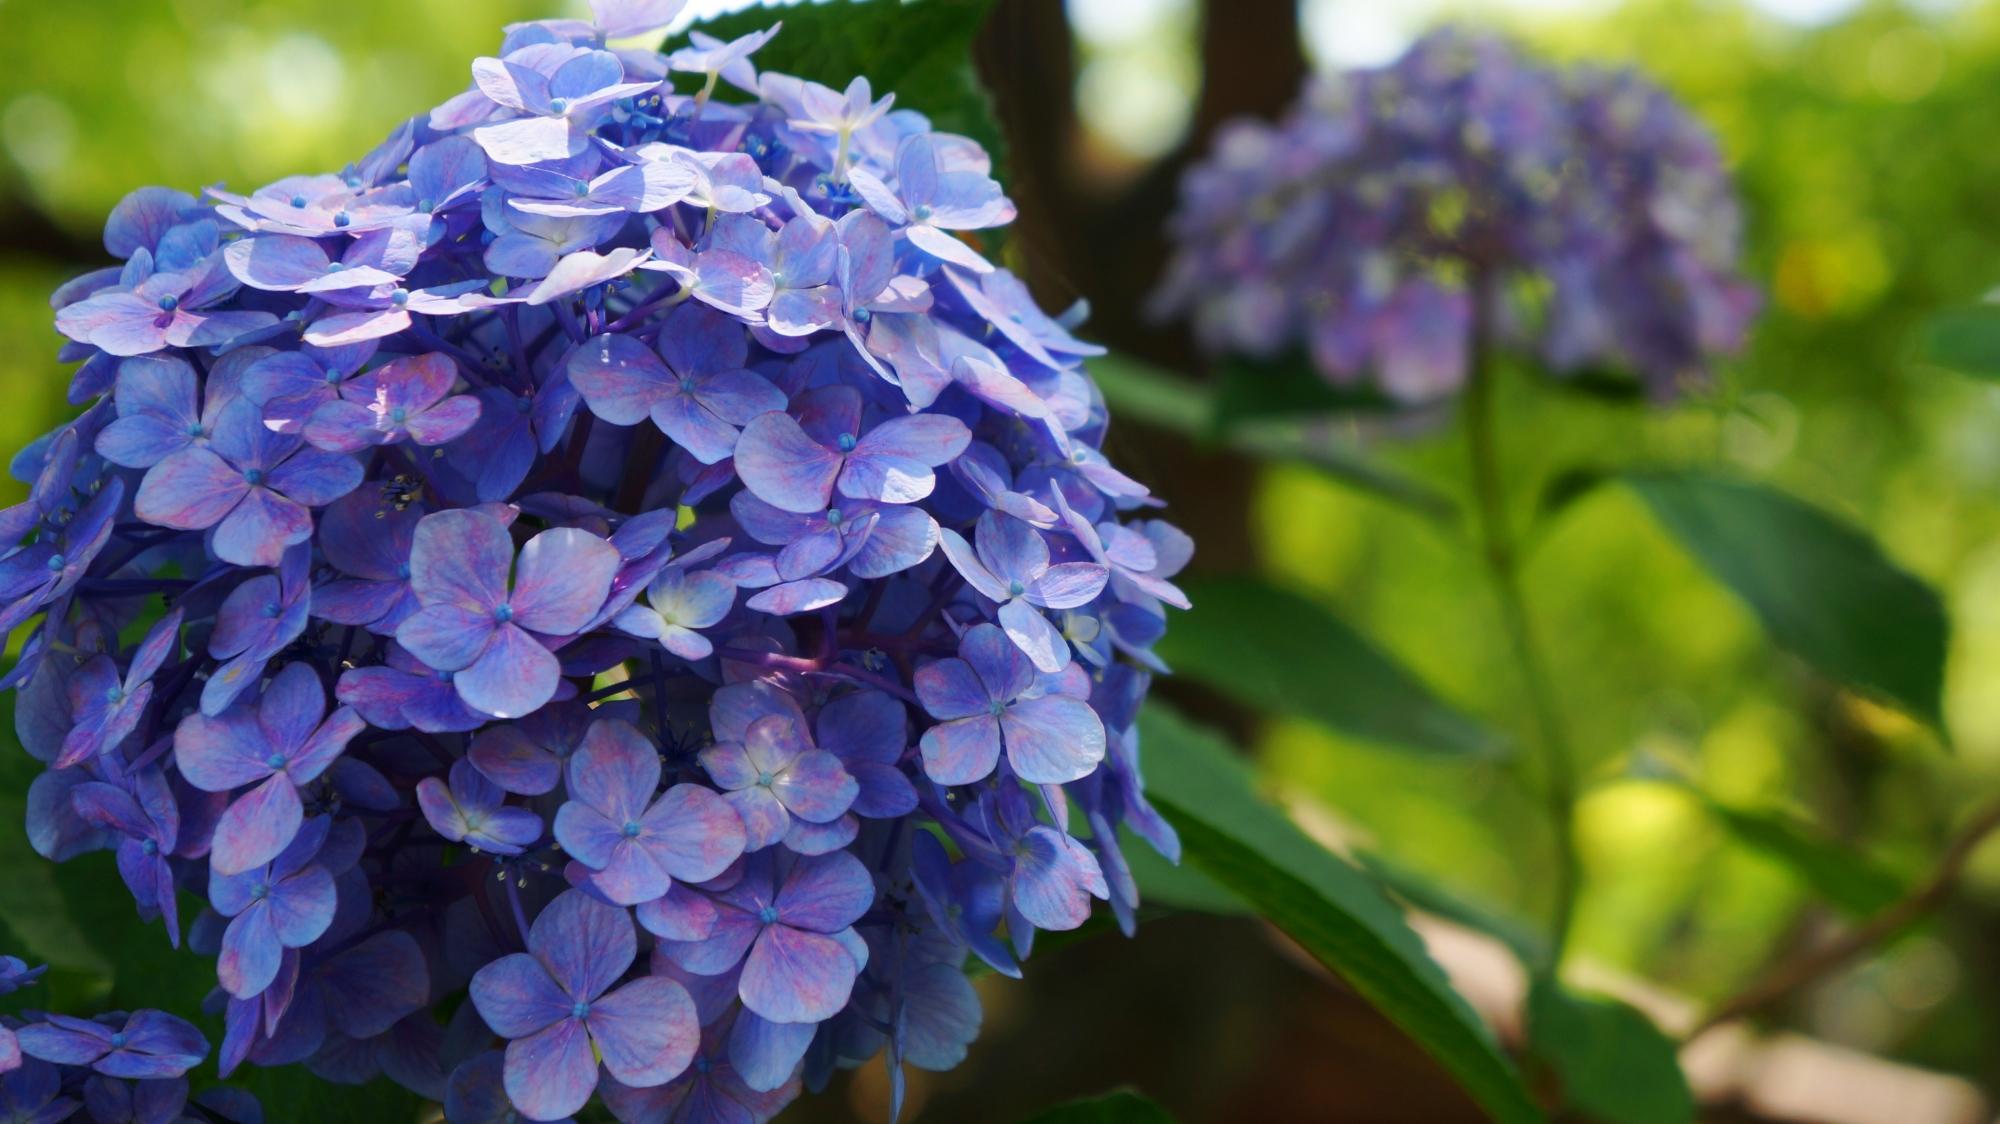 藤森神社の素晴らしい紫陽花と初夏の彩り